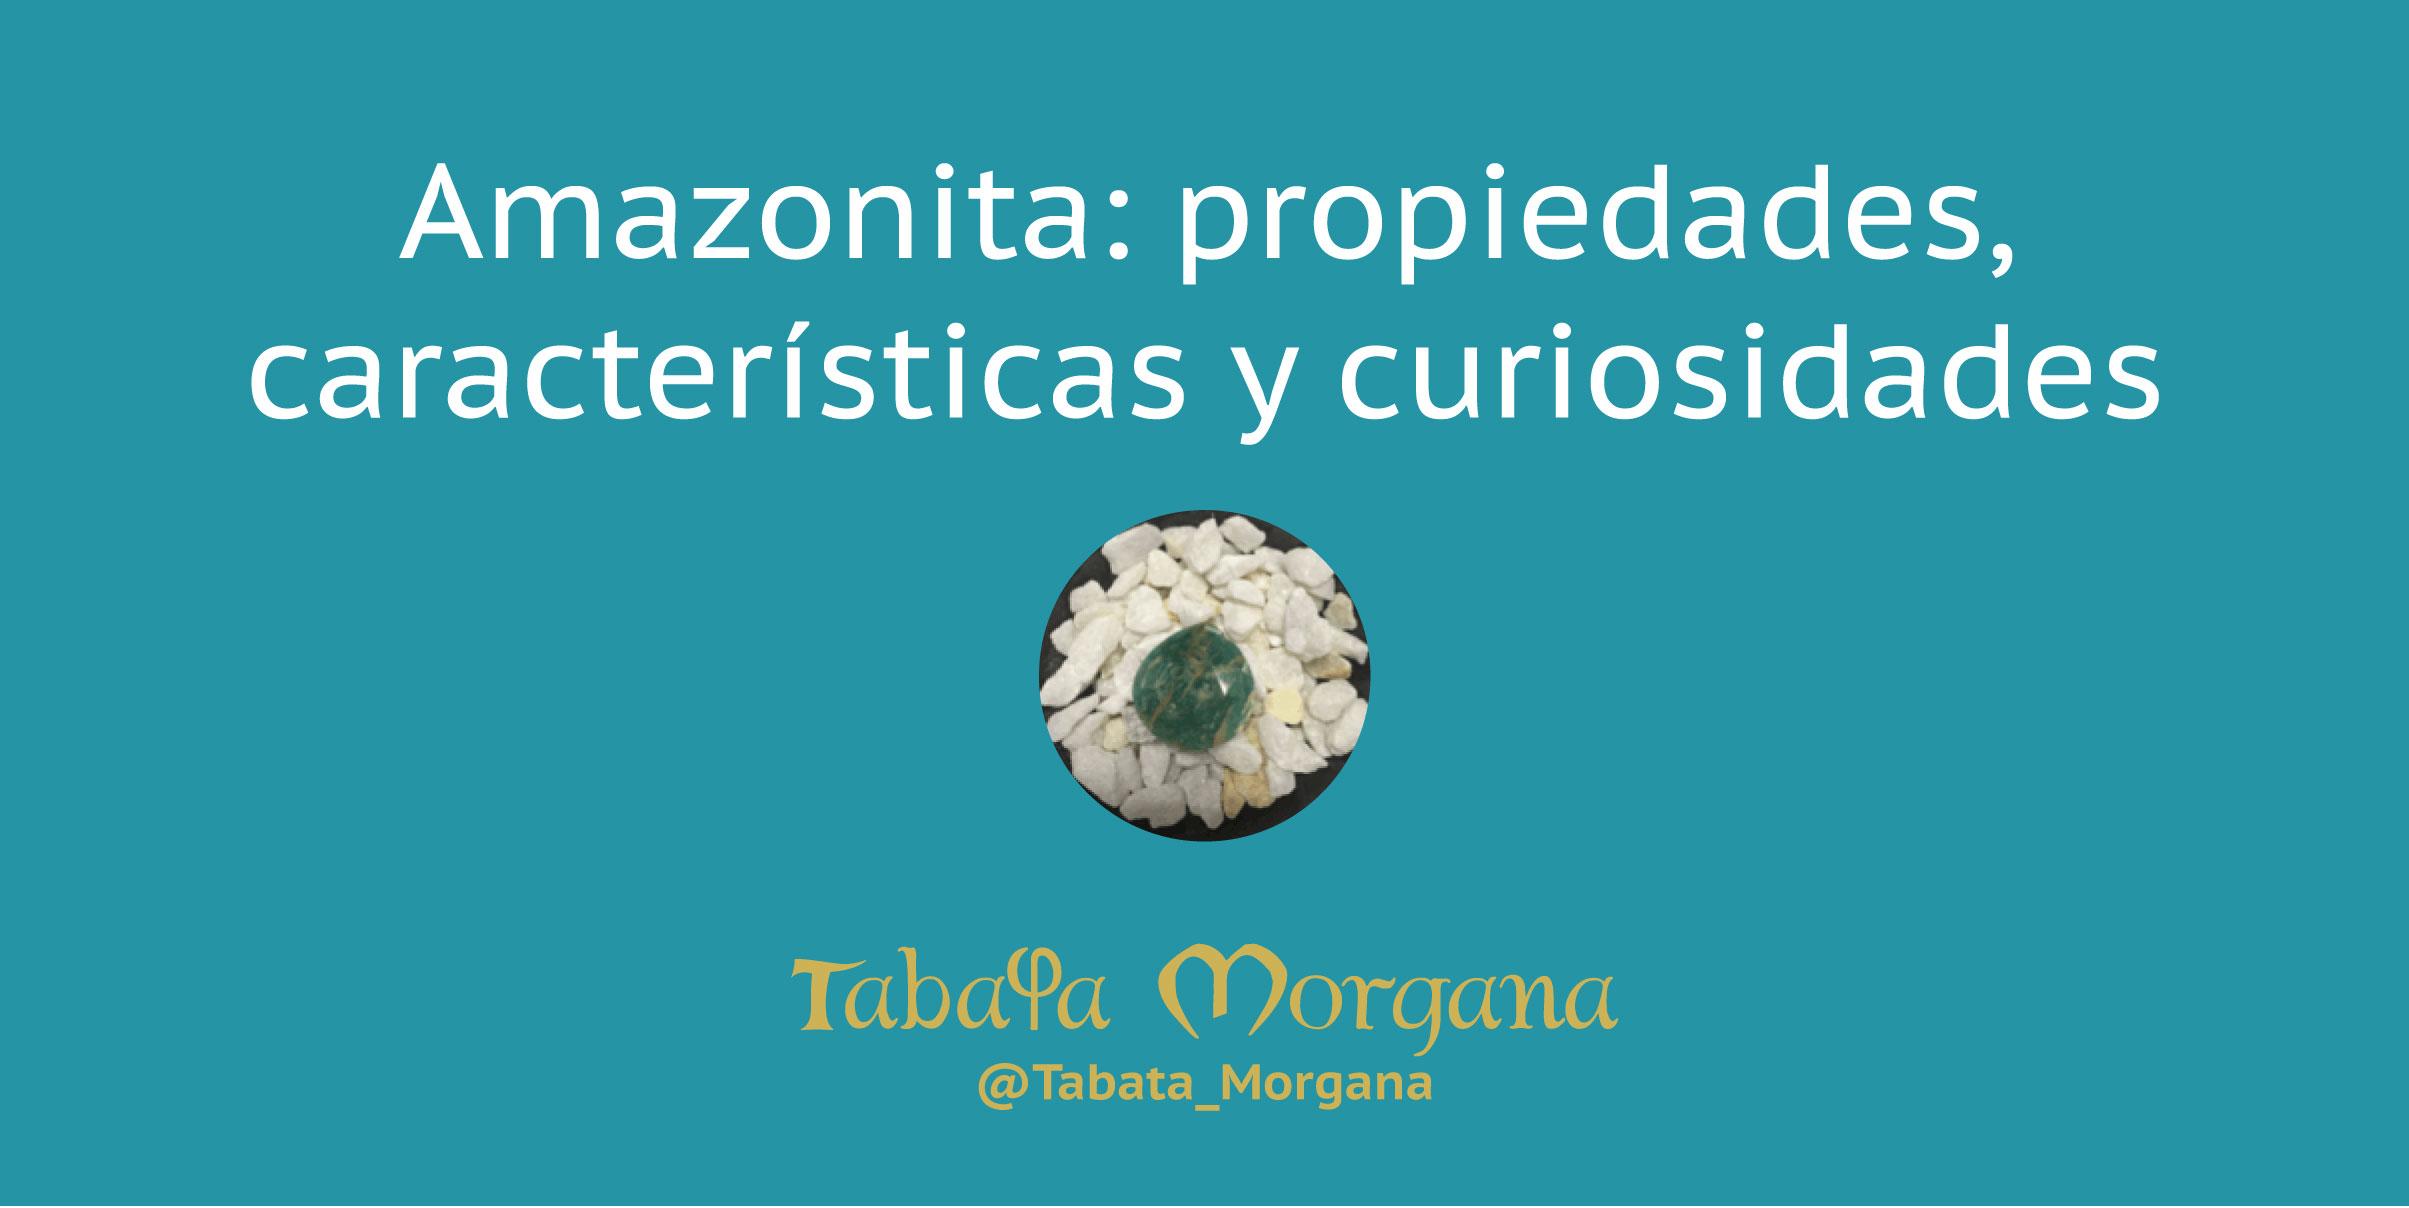 Amazonita: propiedades, características y curiosidades en Tabata Morgana